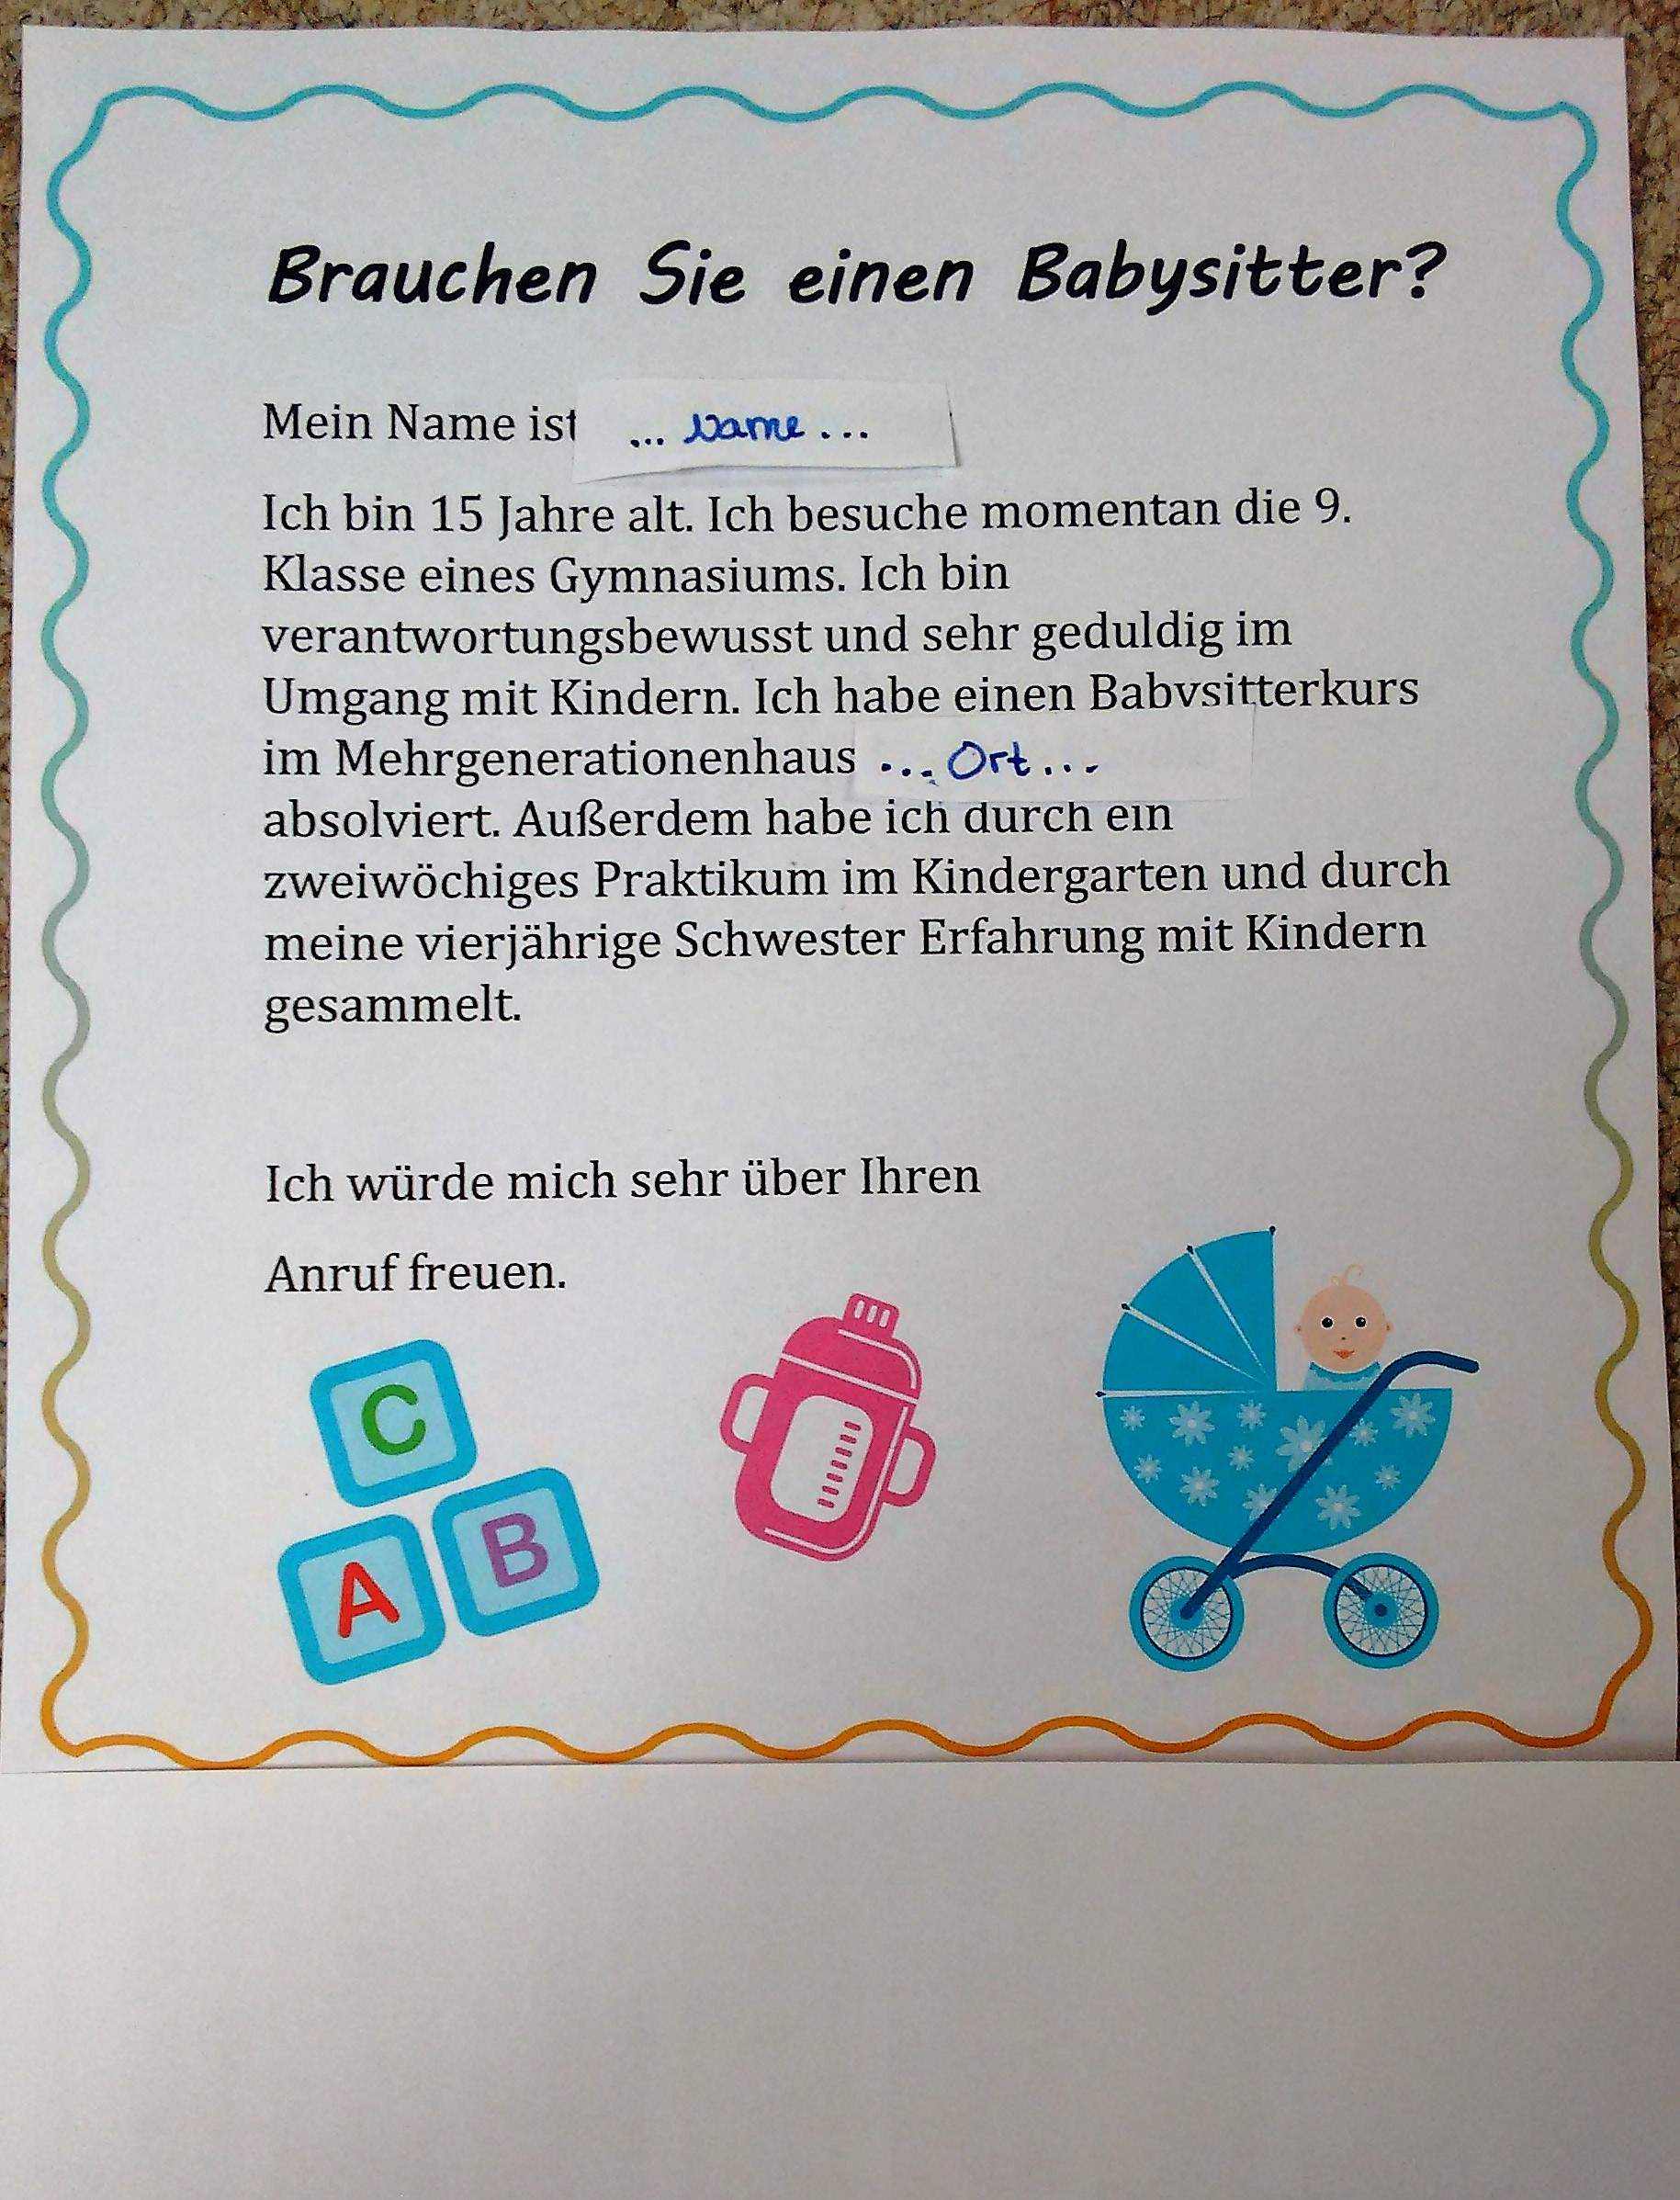 Babysitter aushang 50+ Fakten